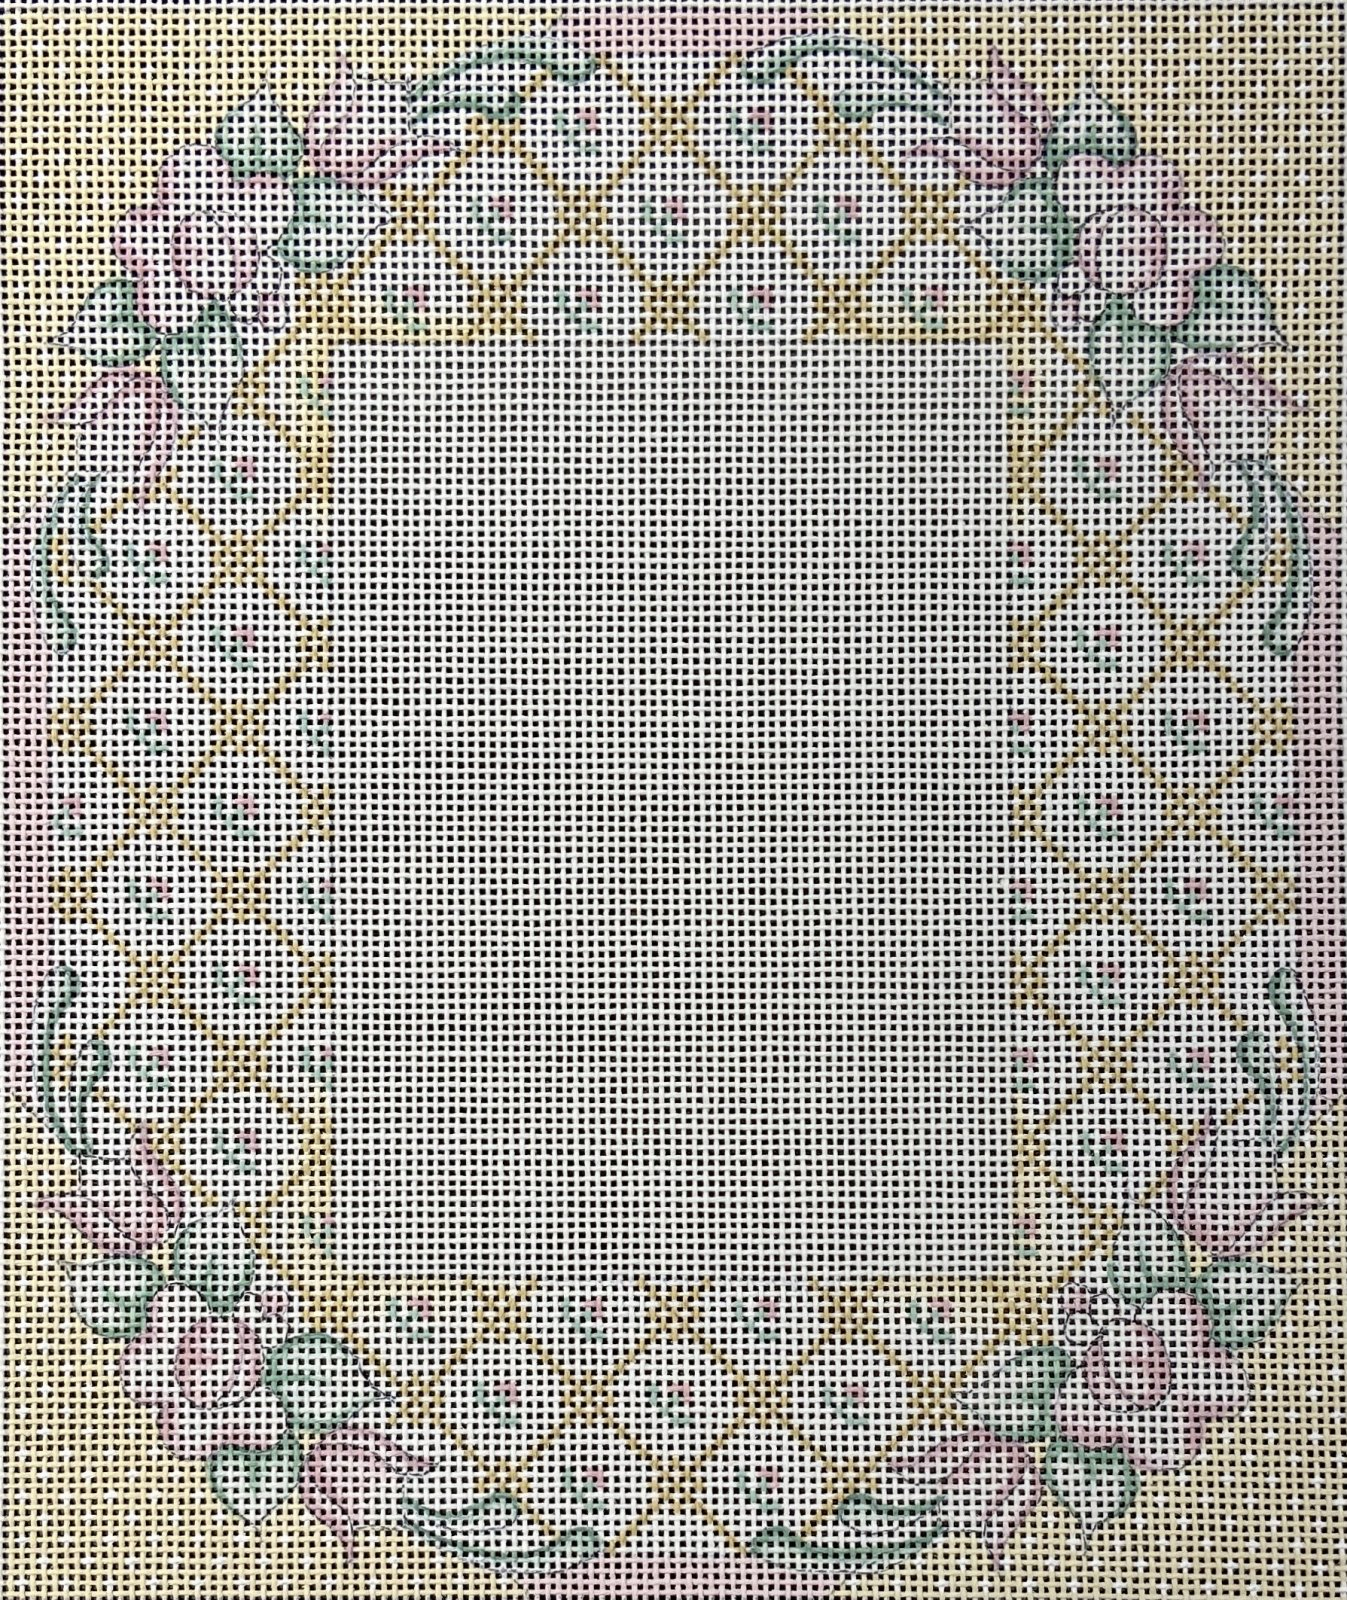 DD178FR Frame Pastels Floral Danae Designs